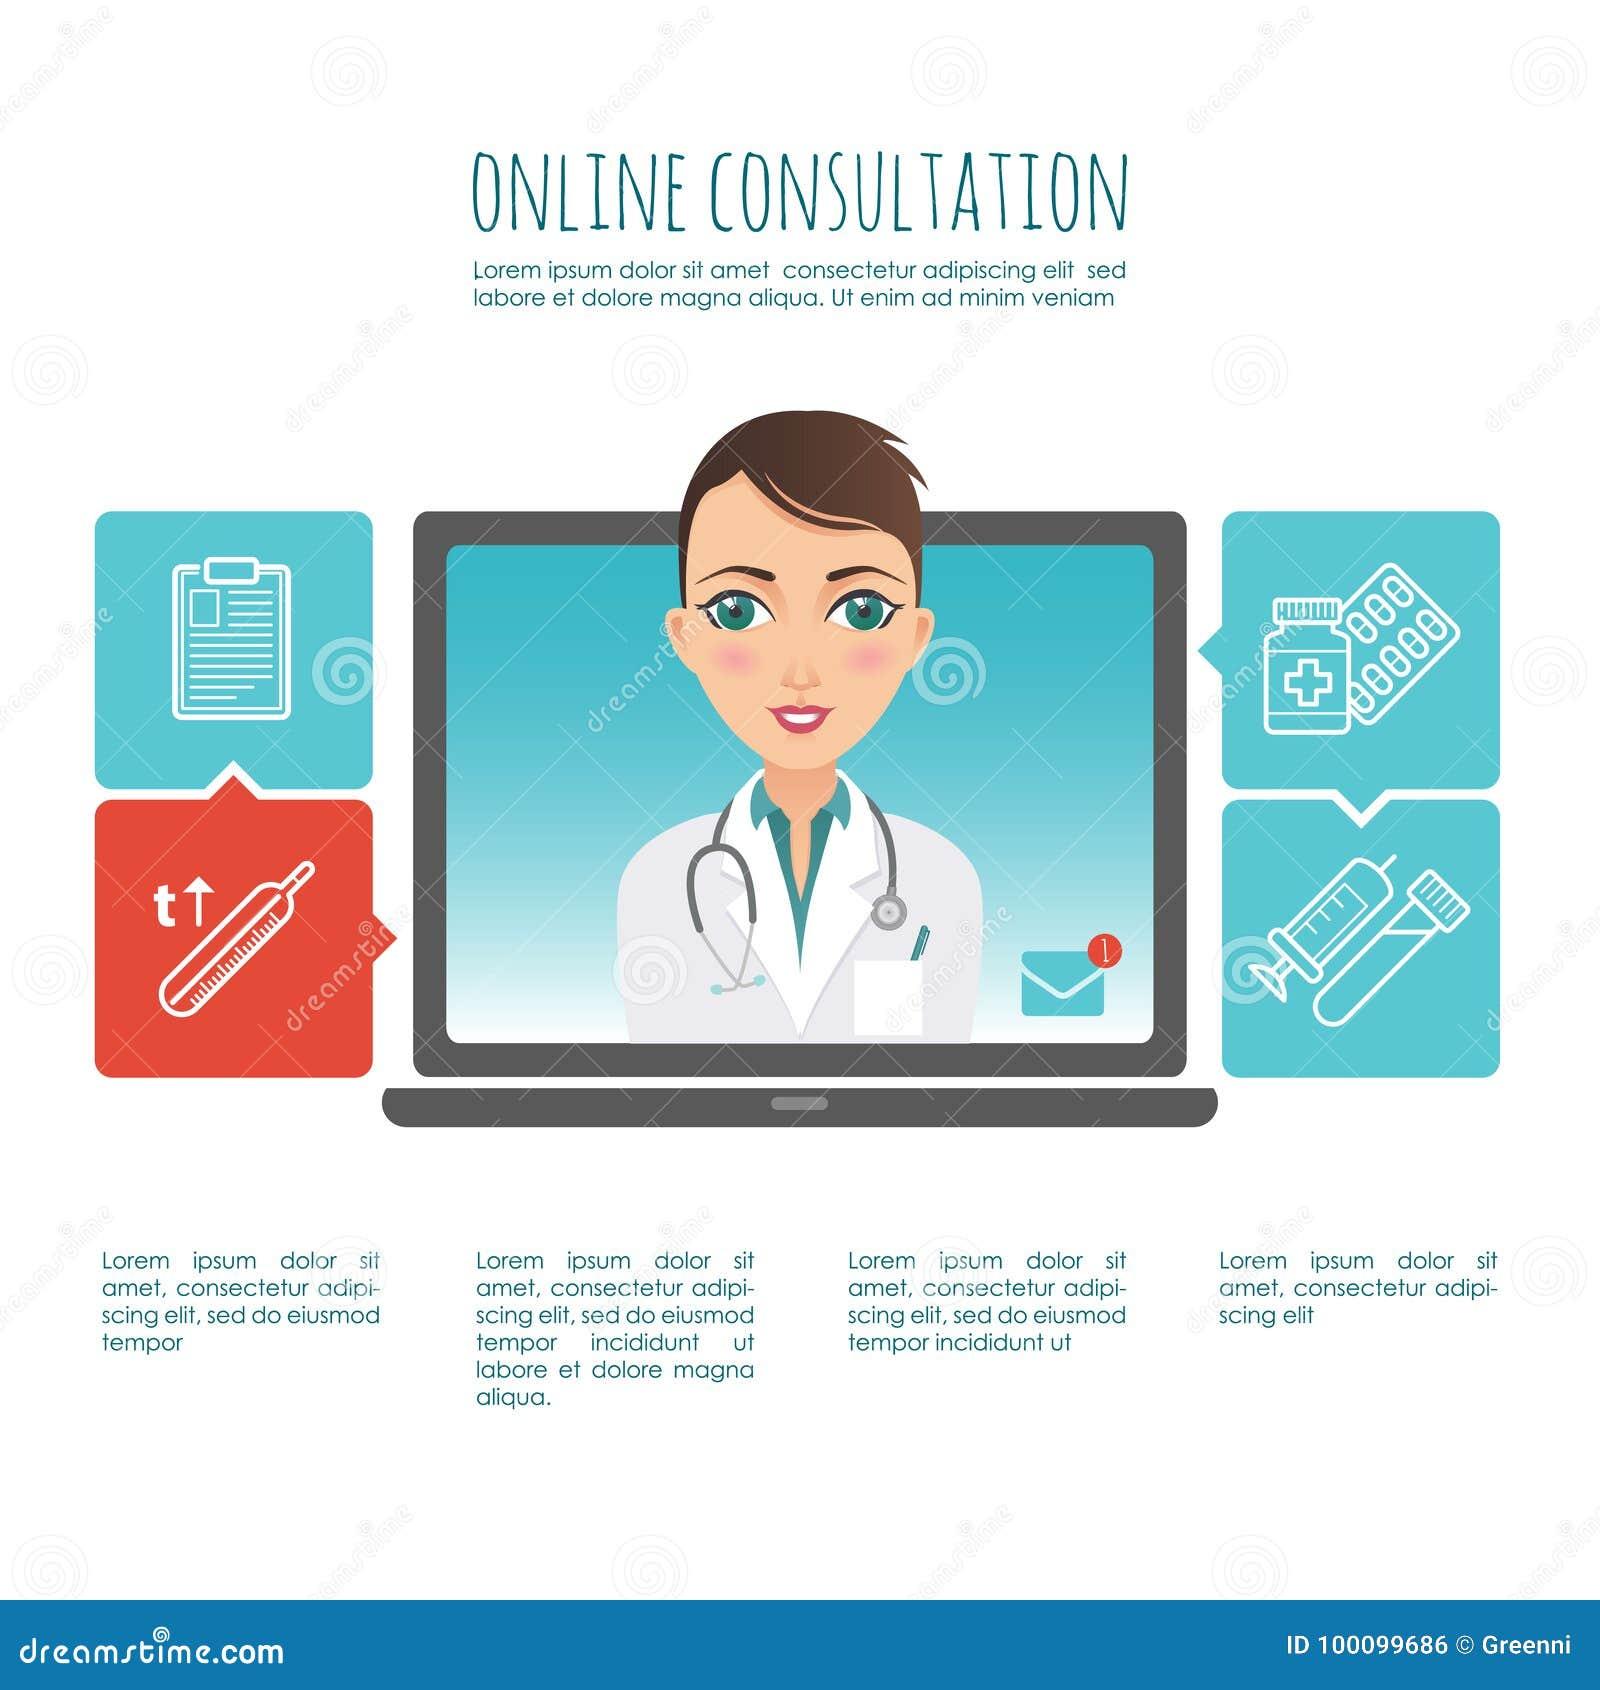 Diagnosi online di sanità e consulente medico Web o applicazione del cellulare Vettore infographic